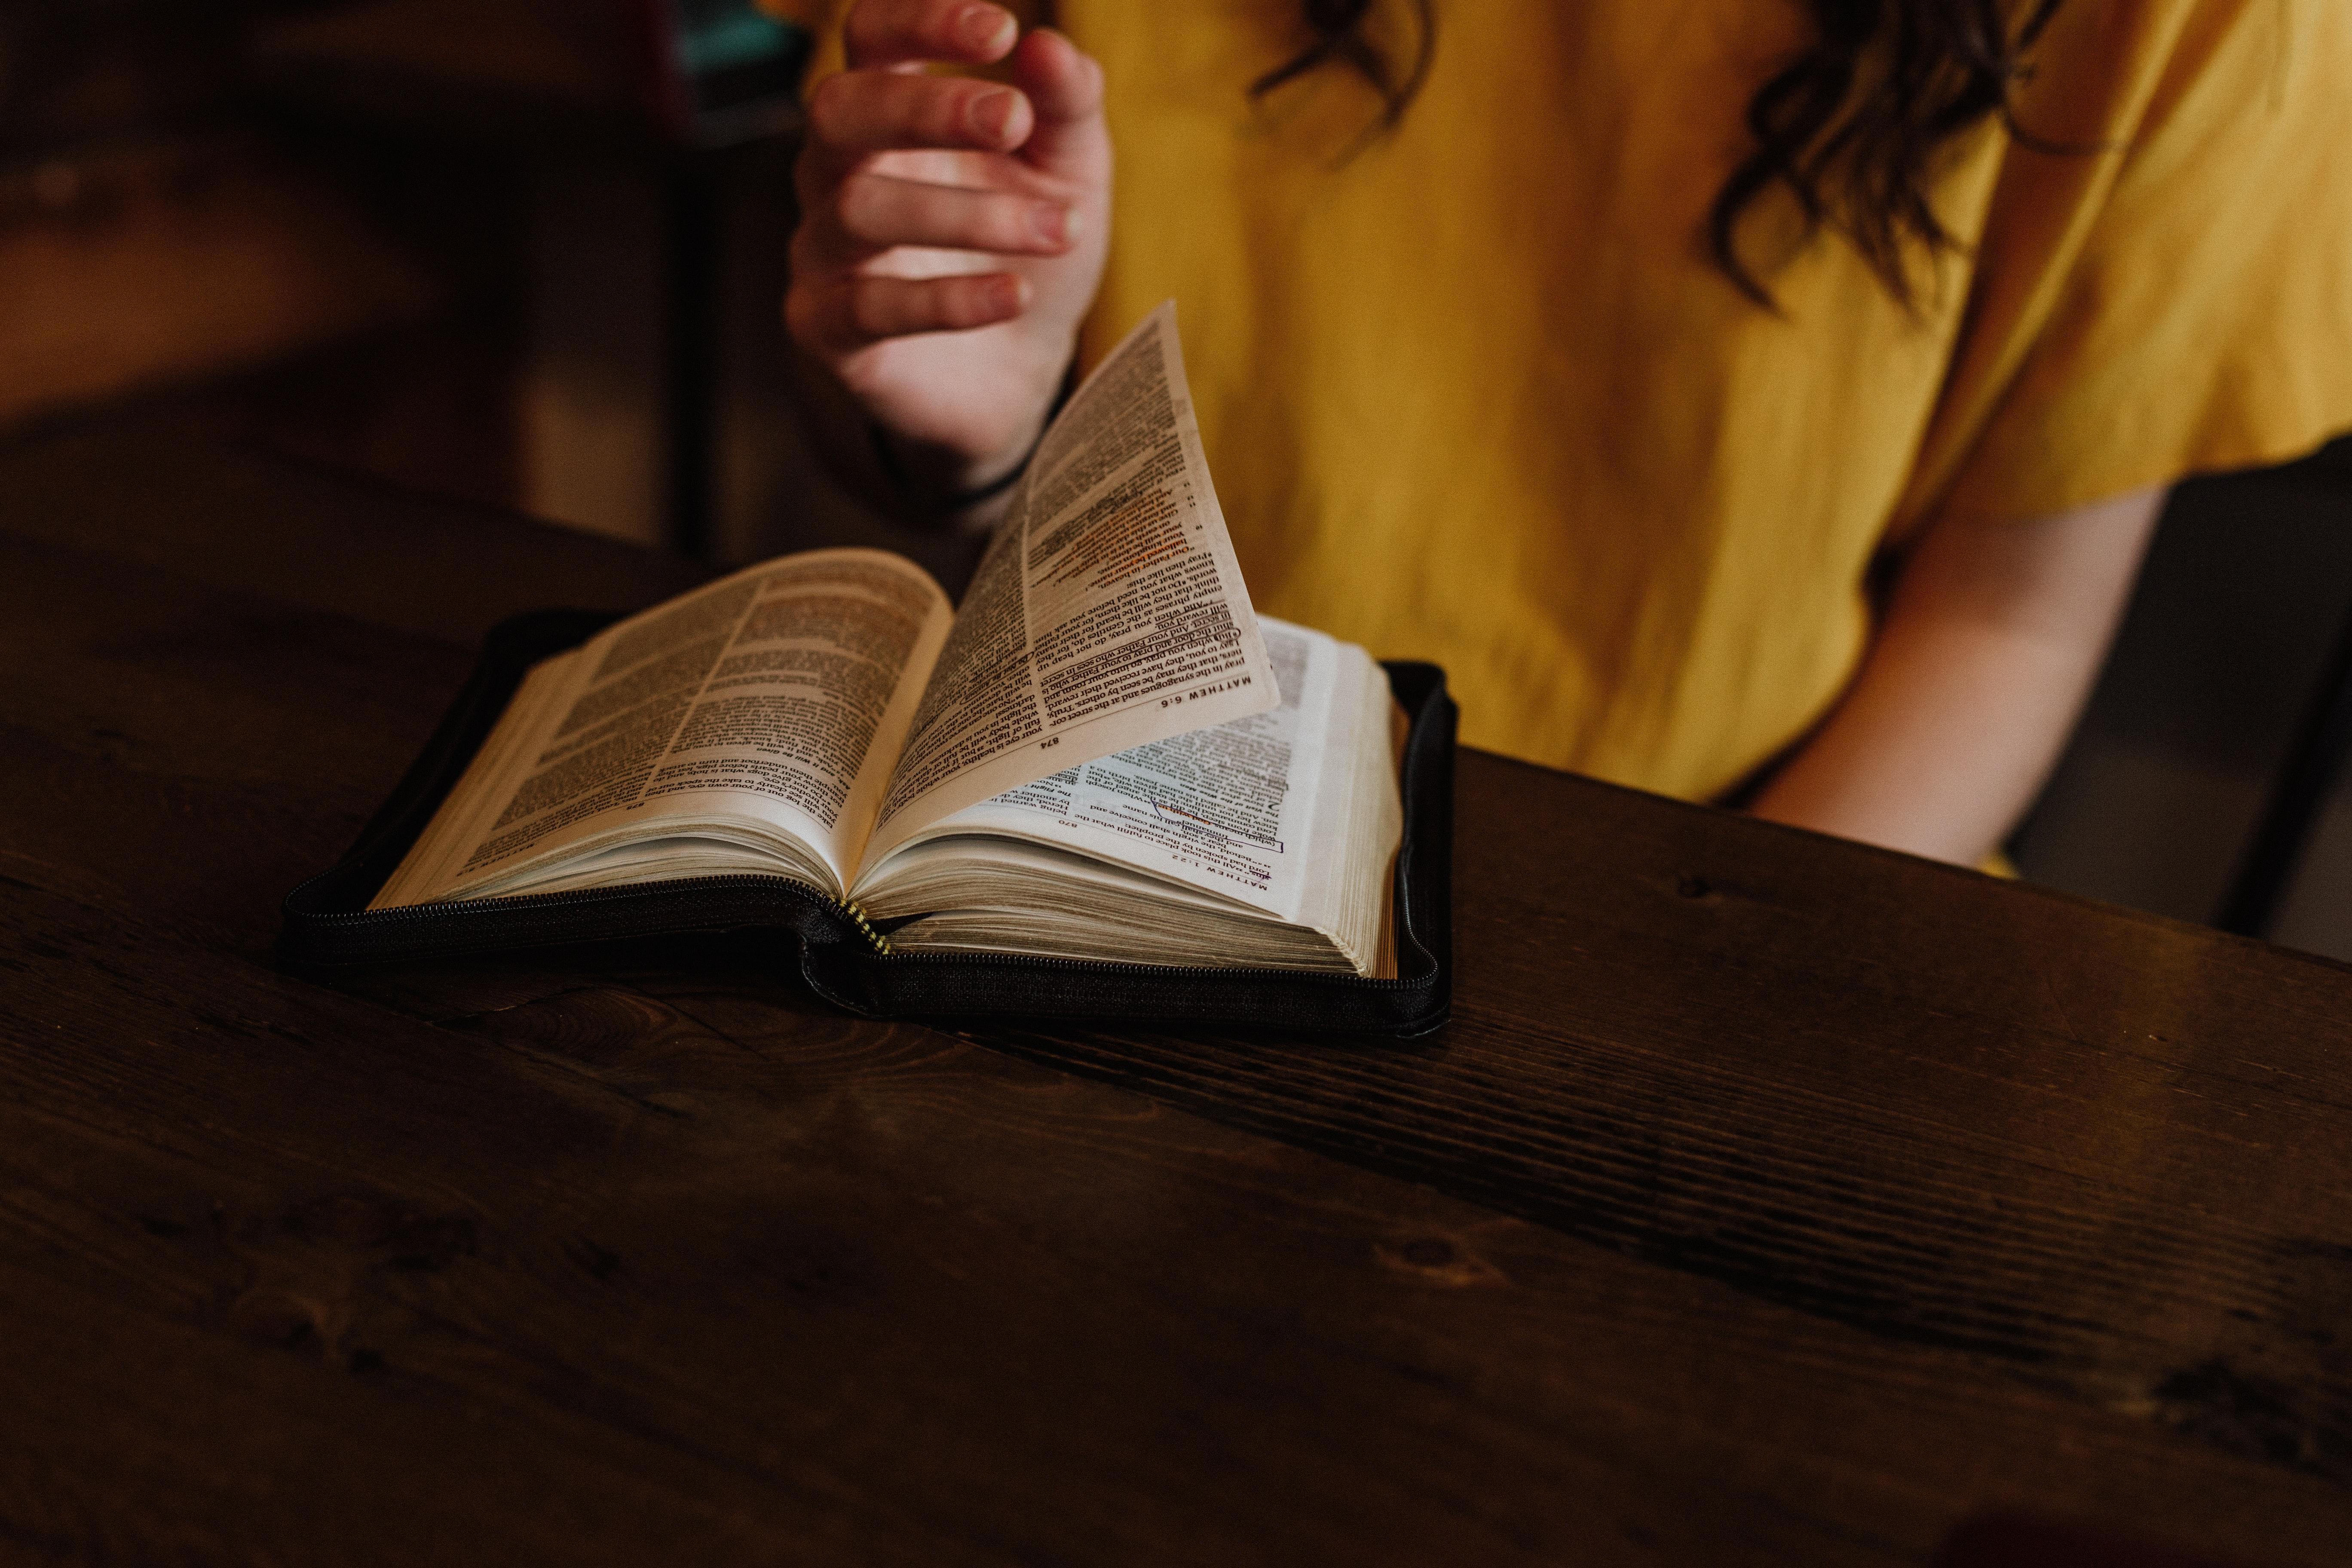 5 cosas que los cristianos deben saber sobre la apologética